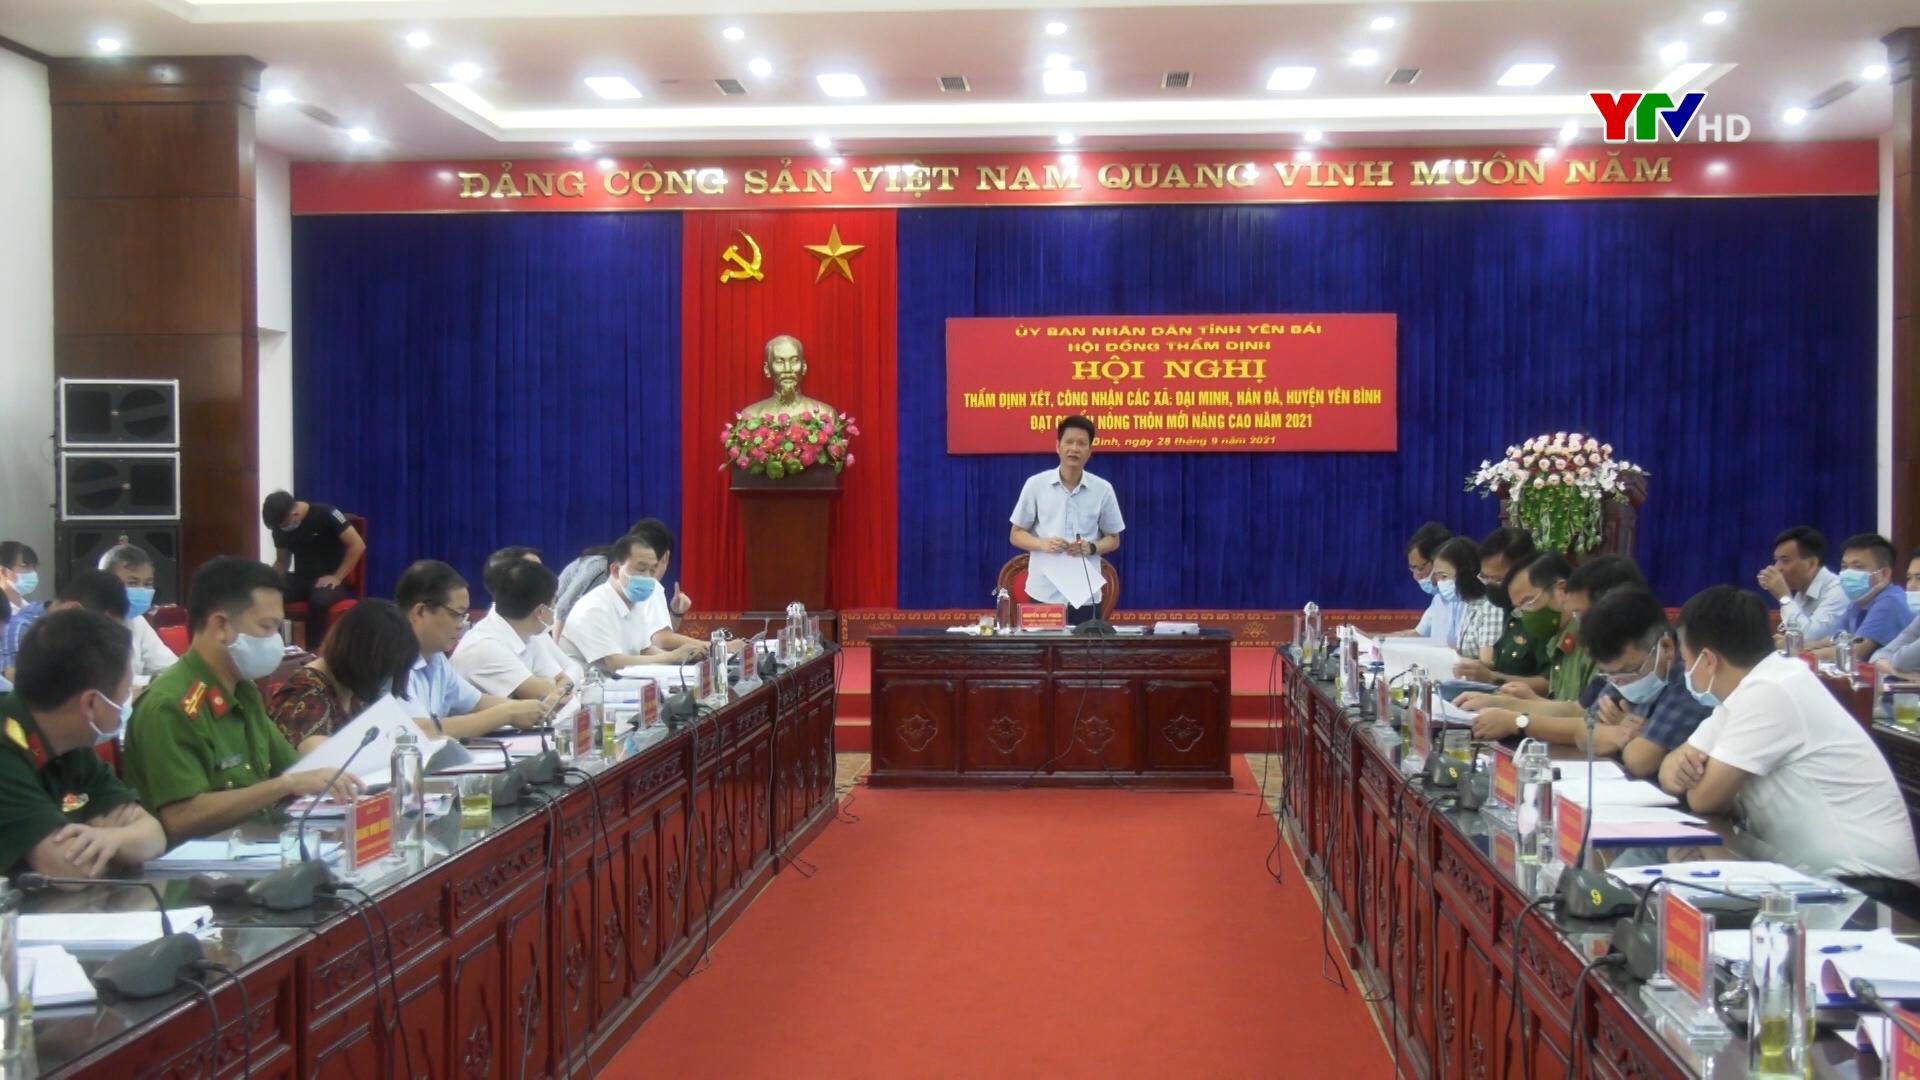 Thẩm định xét công nhận xã Đại Minh và Hán Đà, huyện Yên Bình đạt chuẩn nông thôn mới nâng cao